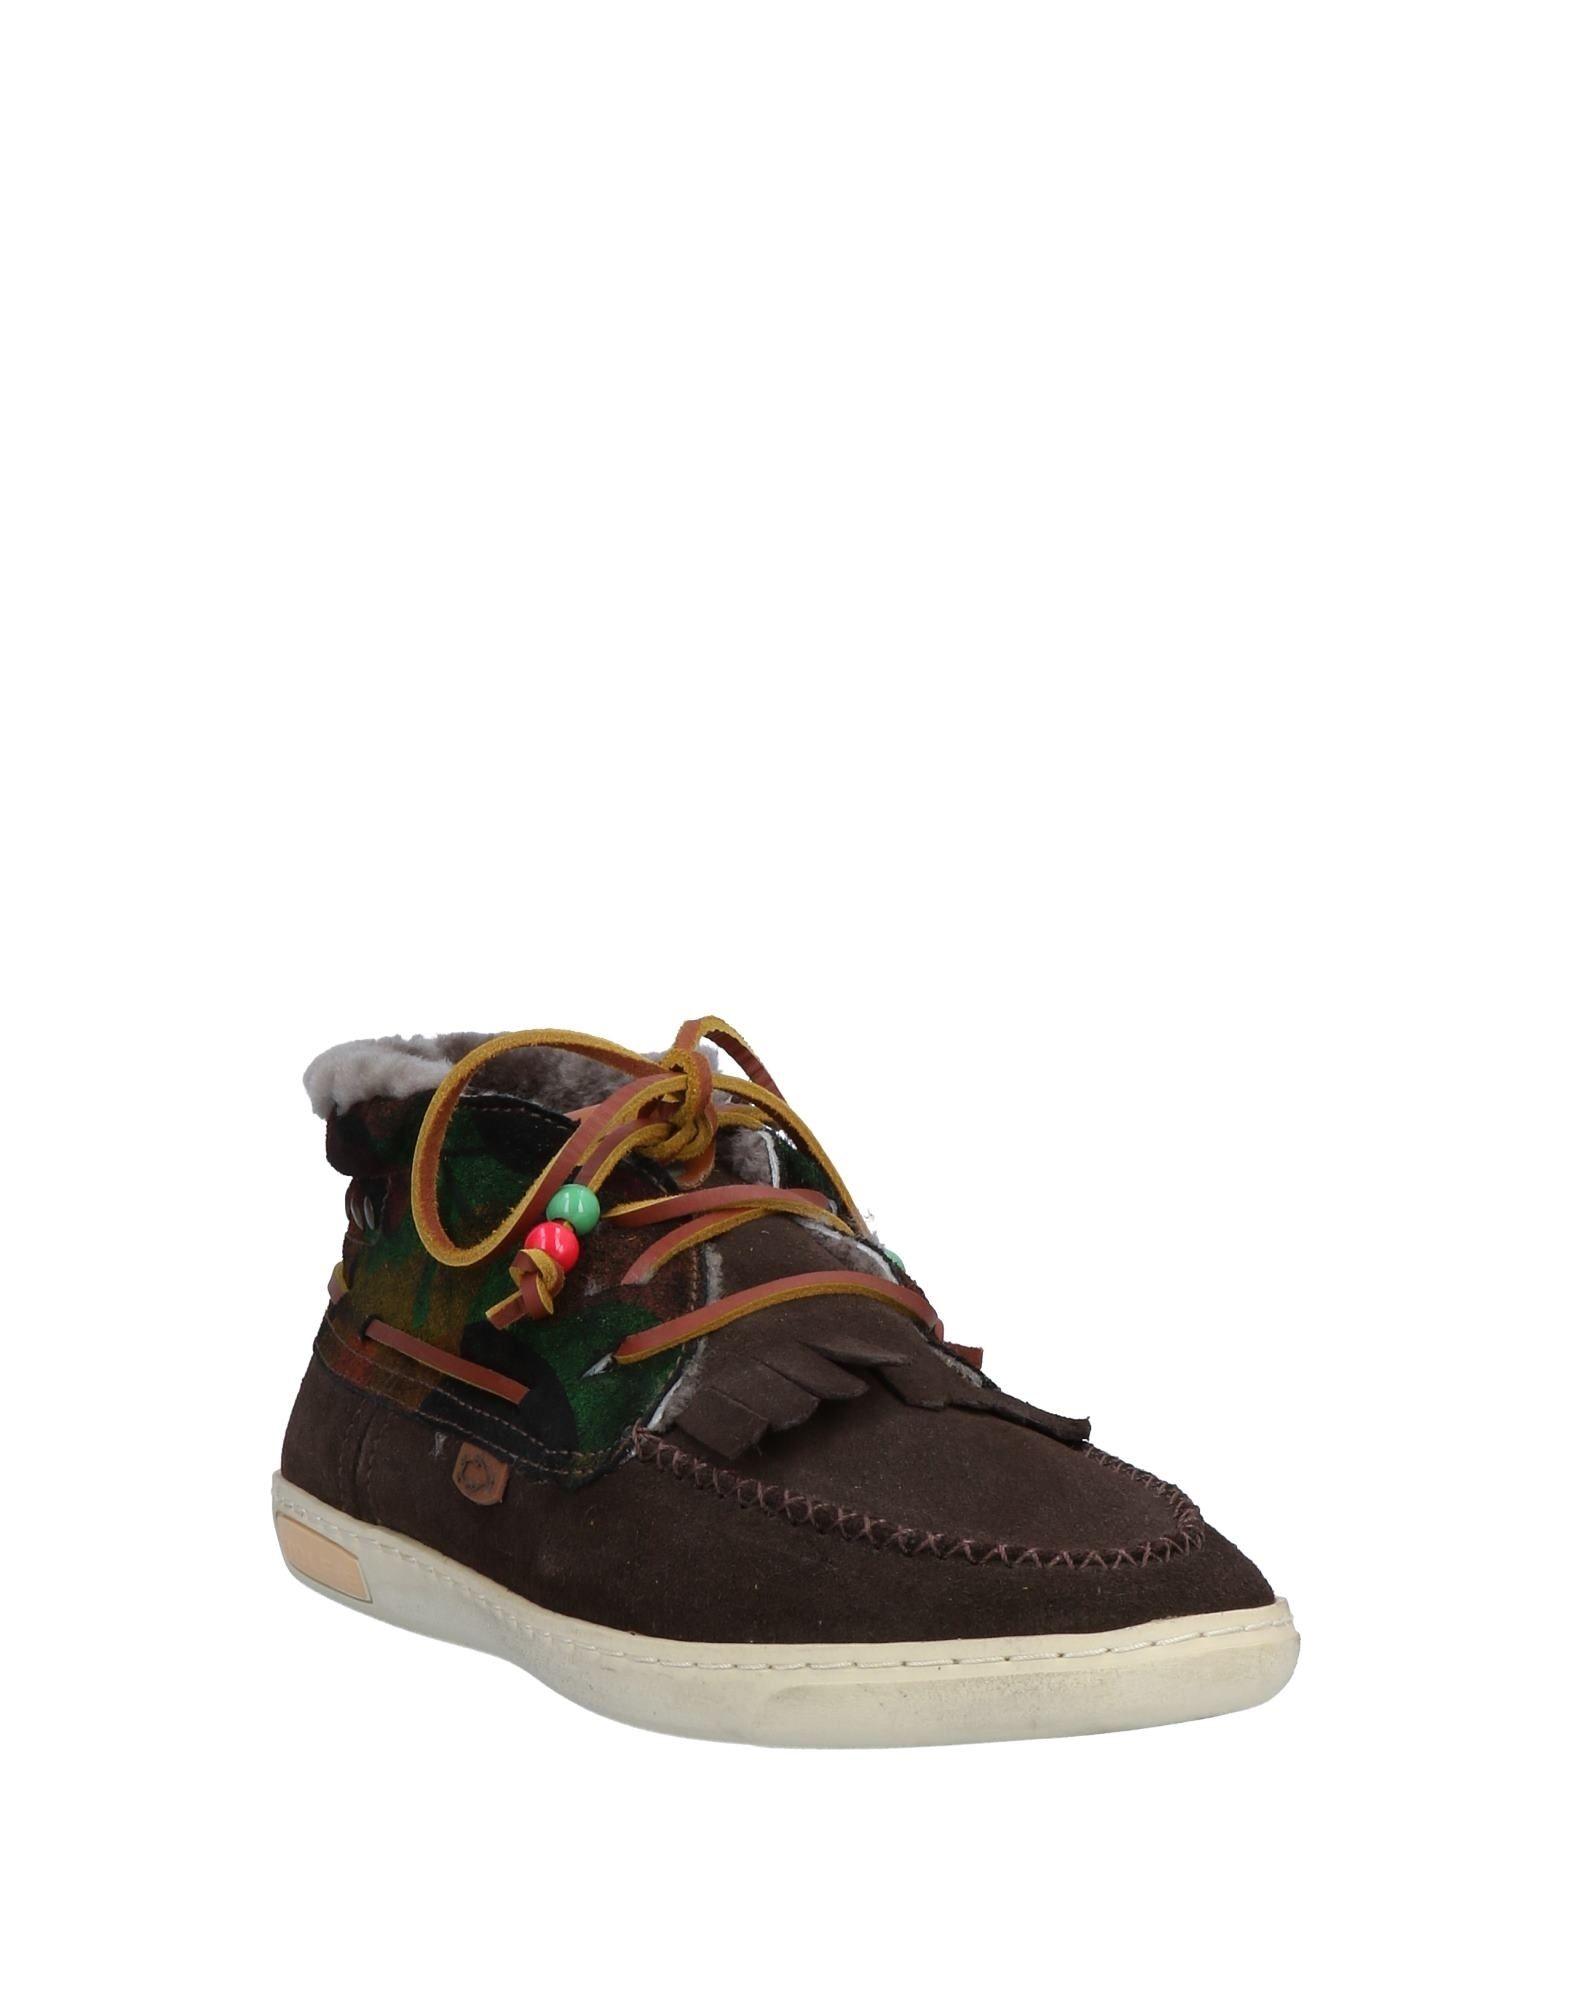 Dolfie Dolfie Dolfie Boots - Men Dolfie Boots online on  Canada - 11580332VL 4e893c